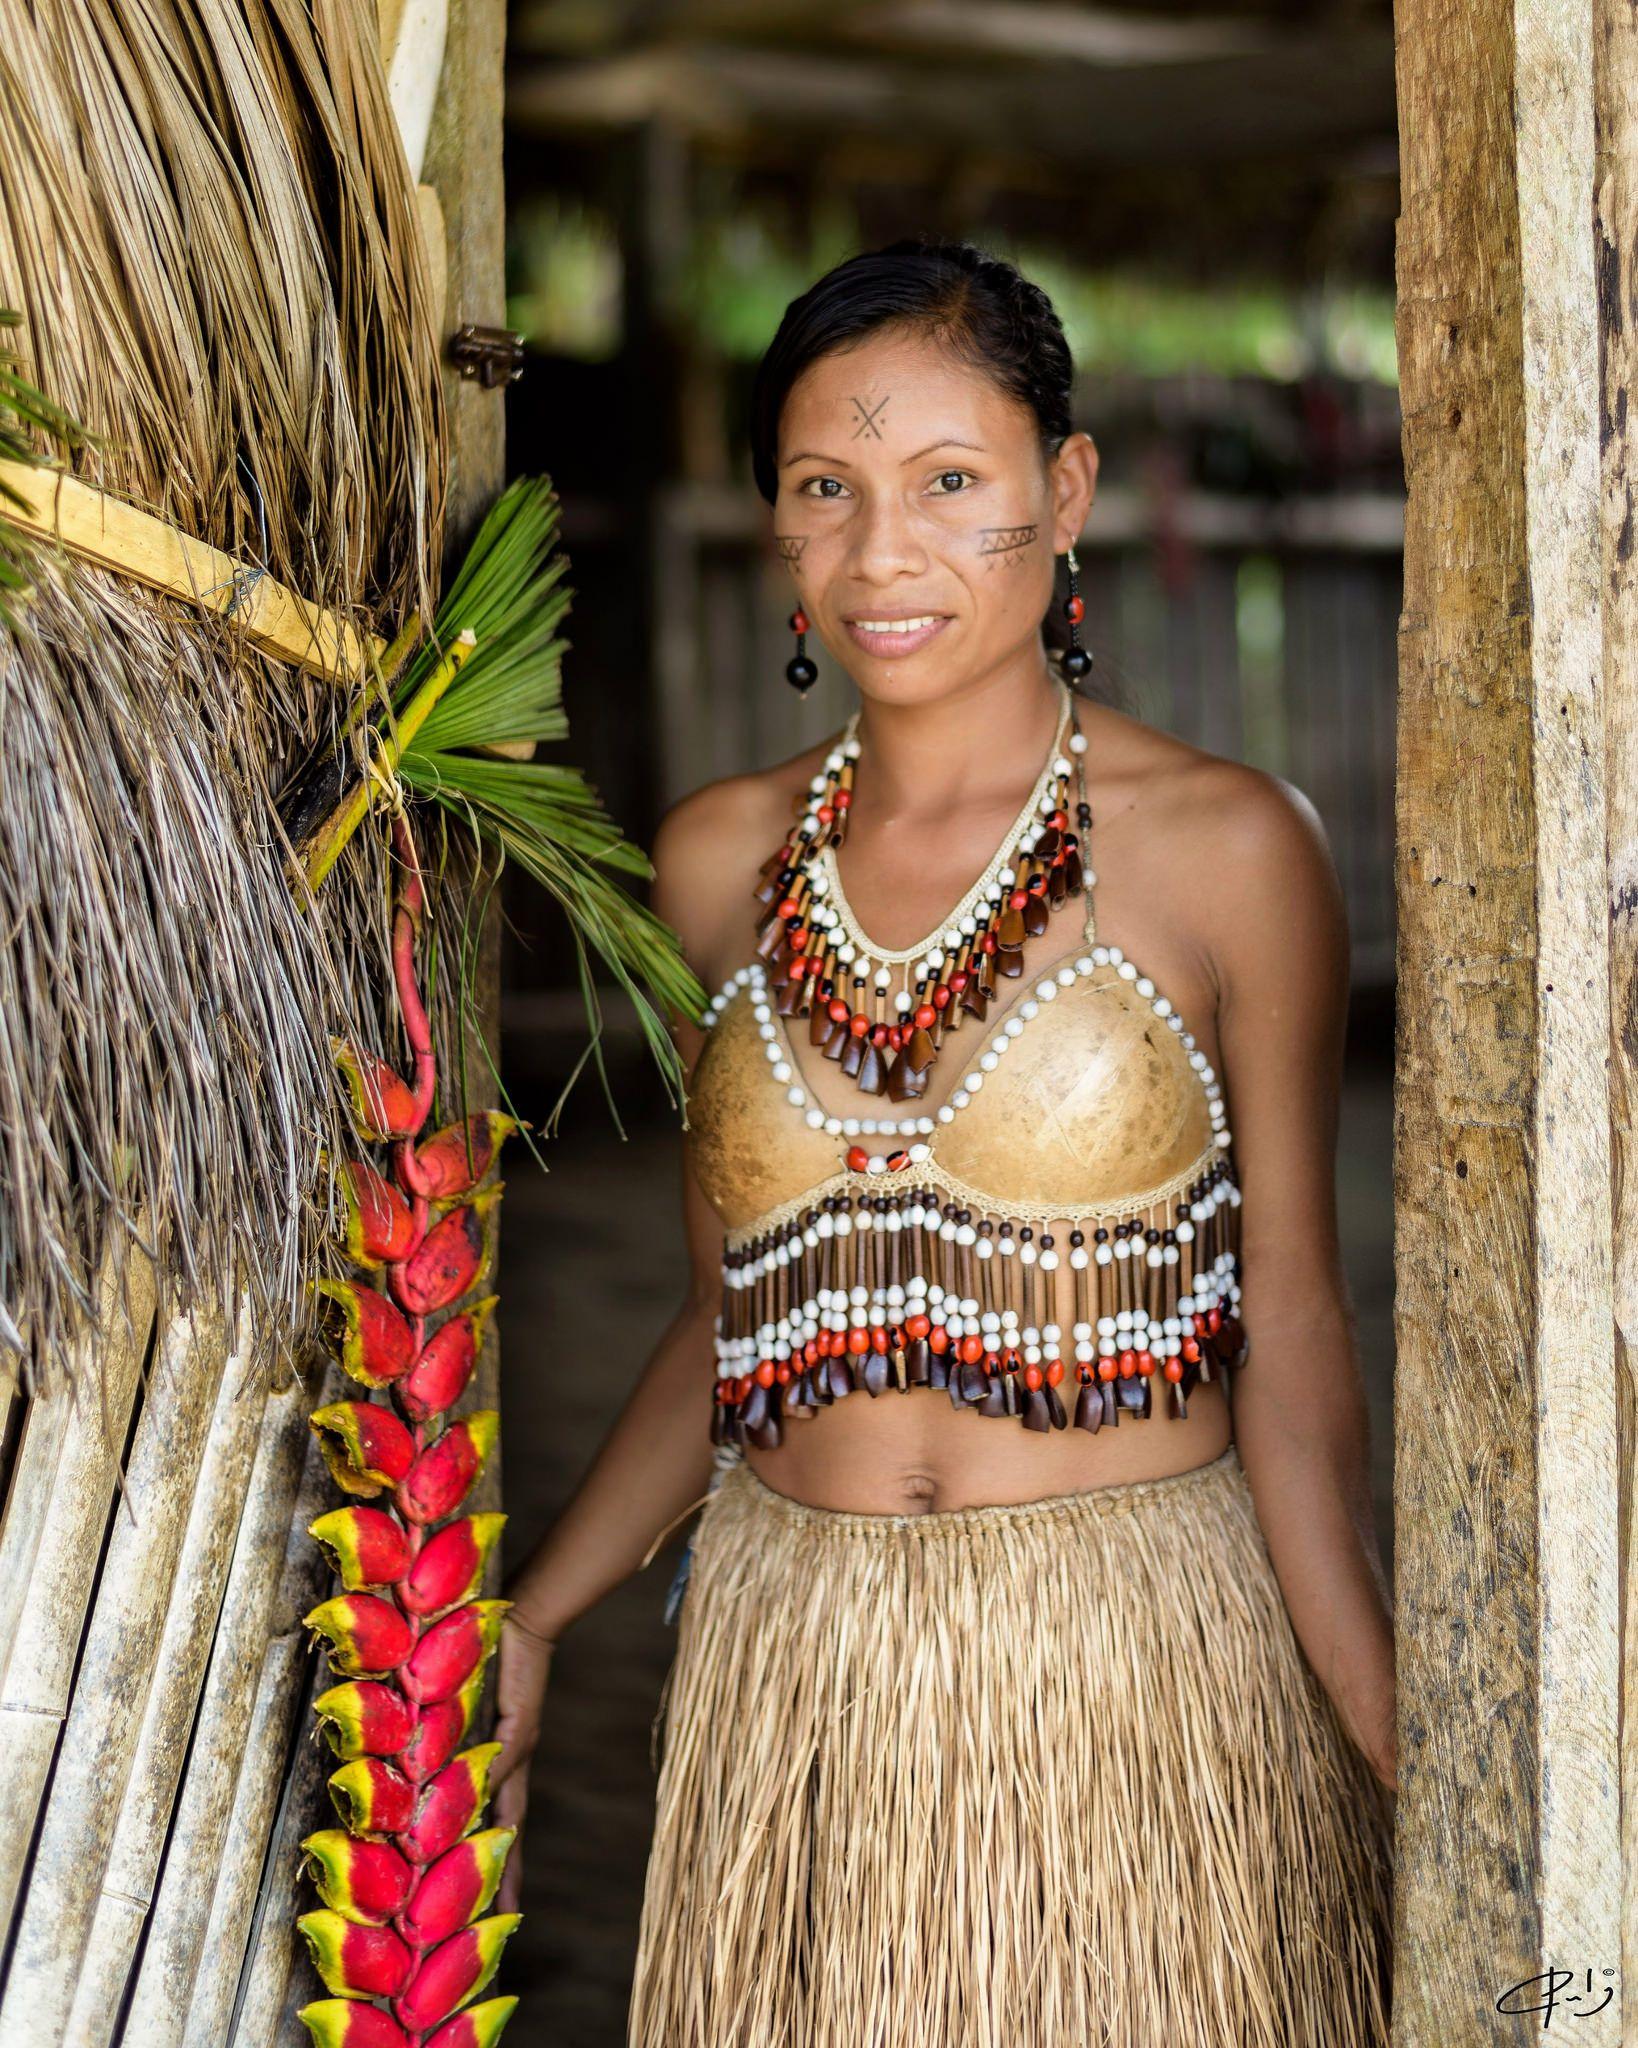 https://flic.kr/p/Ly3PxE | bella amazona  ,  durante los tres últimos años he visitado las comunidades indígenas al borde del Río Napo, en Puerto Misahualli, el turismo comunitario se ha convertido en su principal actividad económica,  y he notado un gran avance en su organización